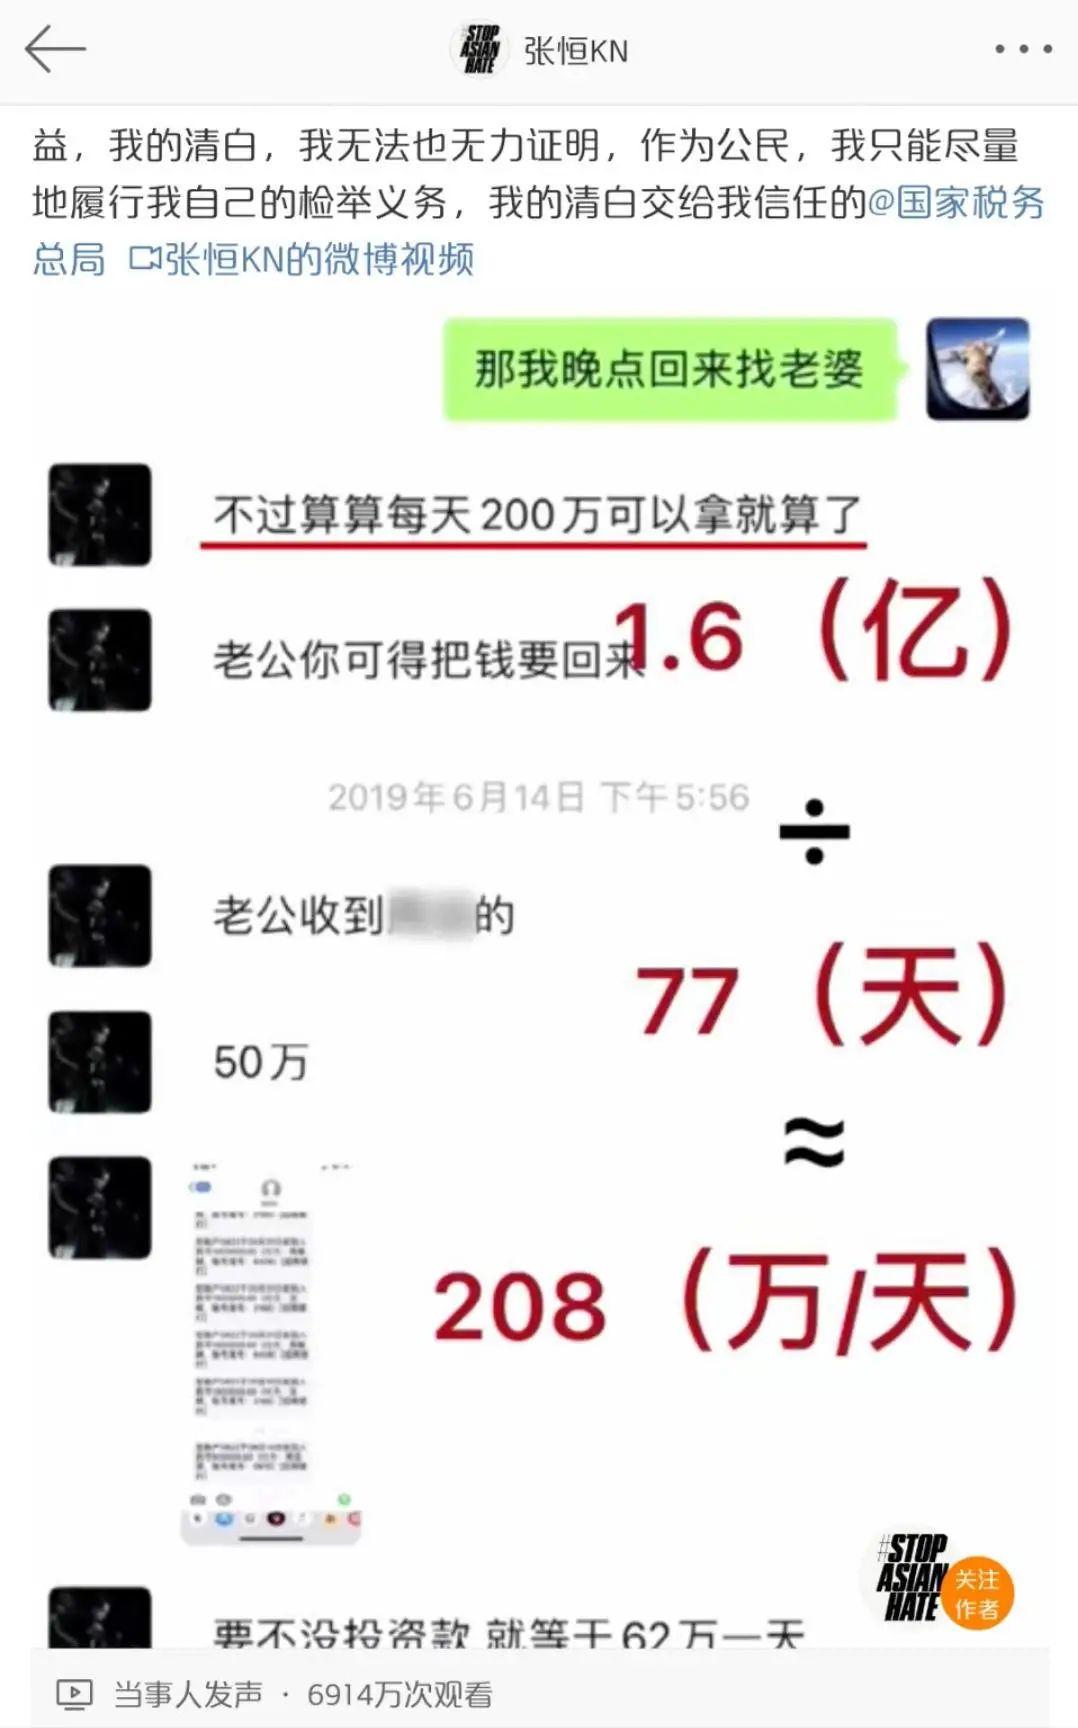 郑爽日薪208万元?吃瓜群众惊掉下巴